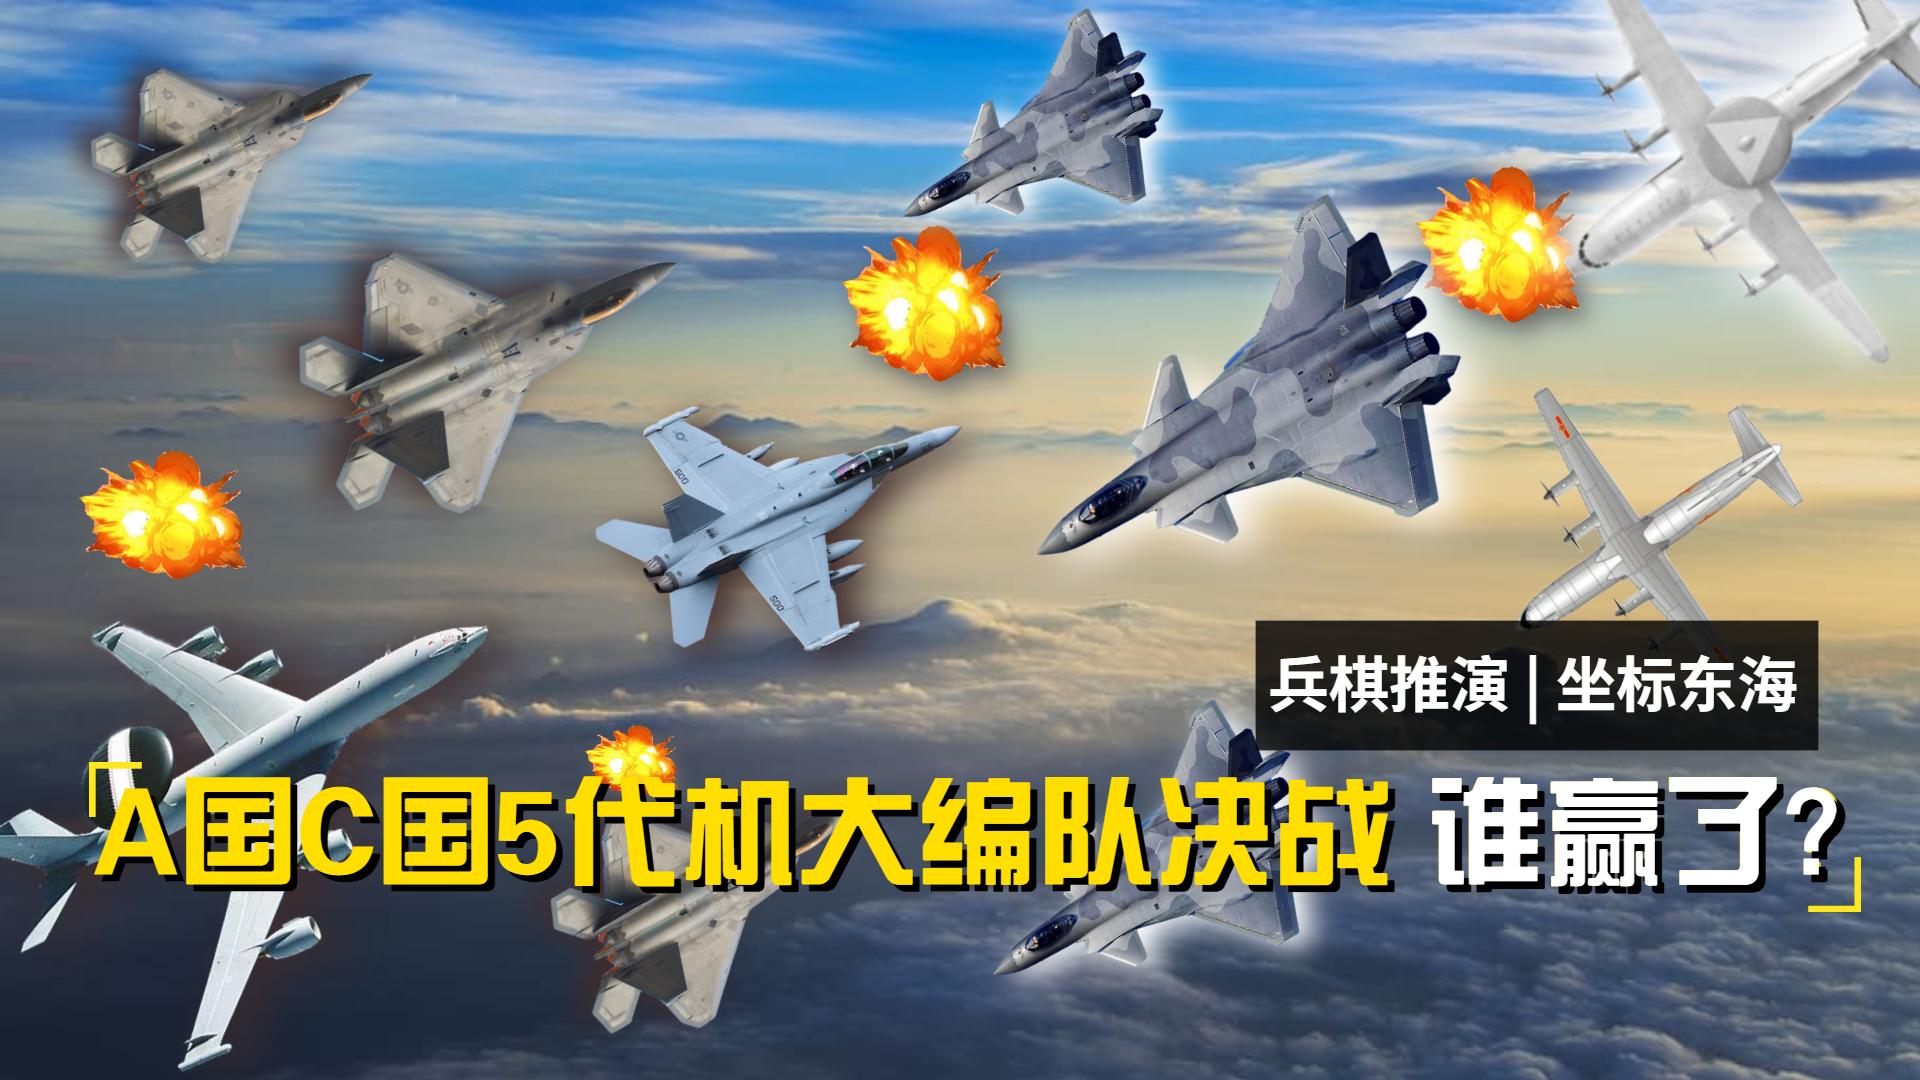 浩海长歌兵推   东海风云06 歼20与F22大编队对决 体系作战谁更强?